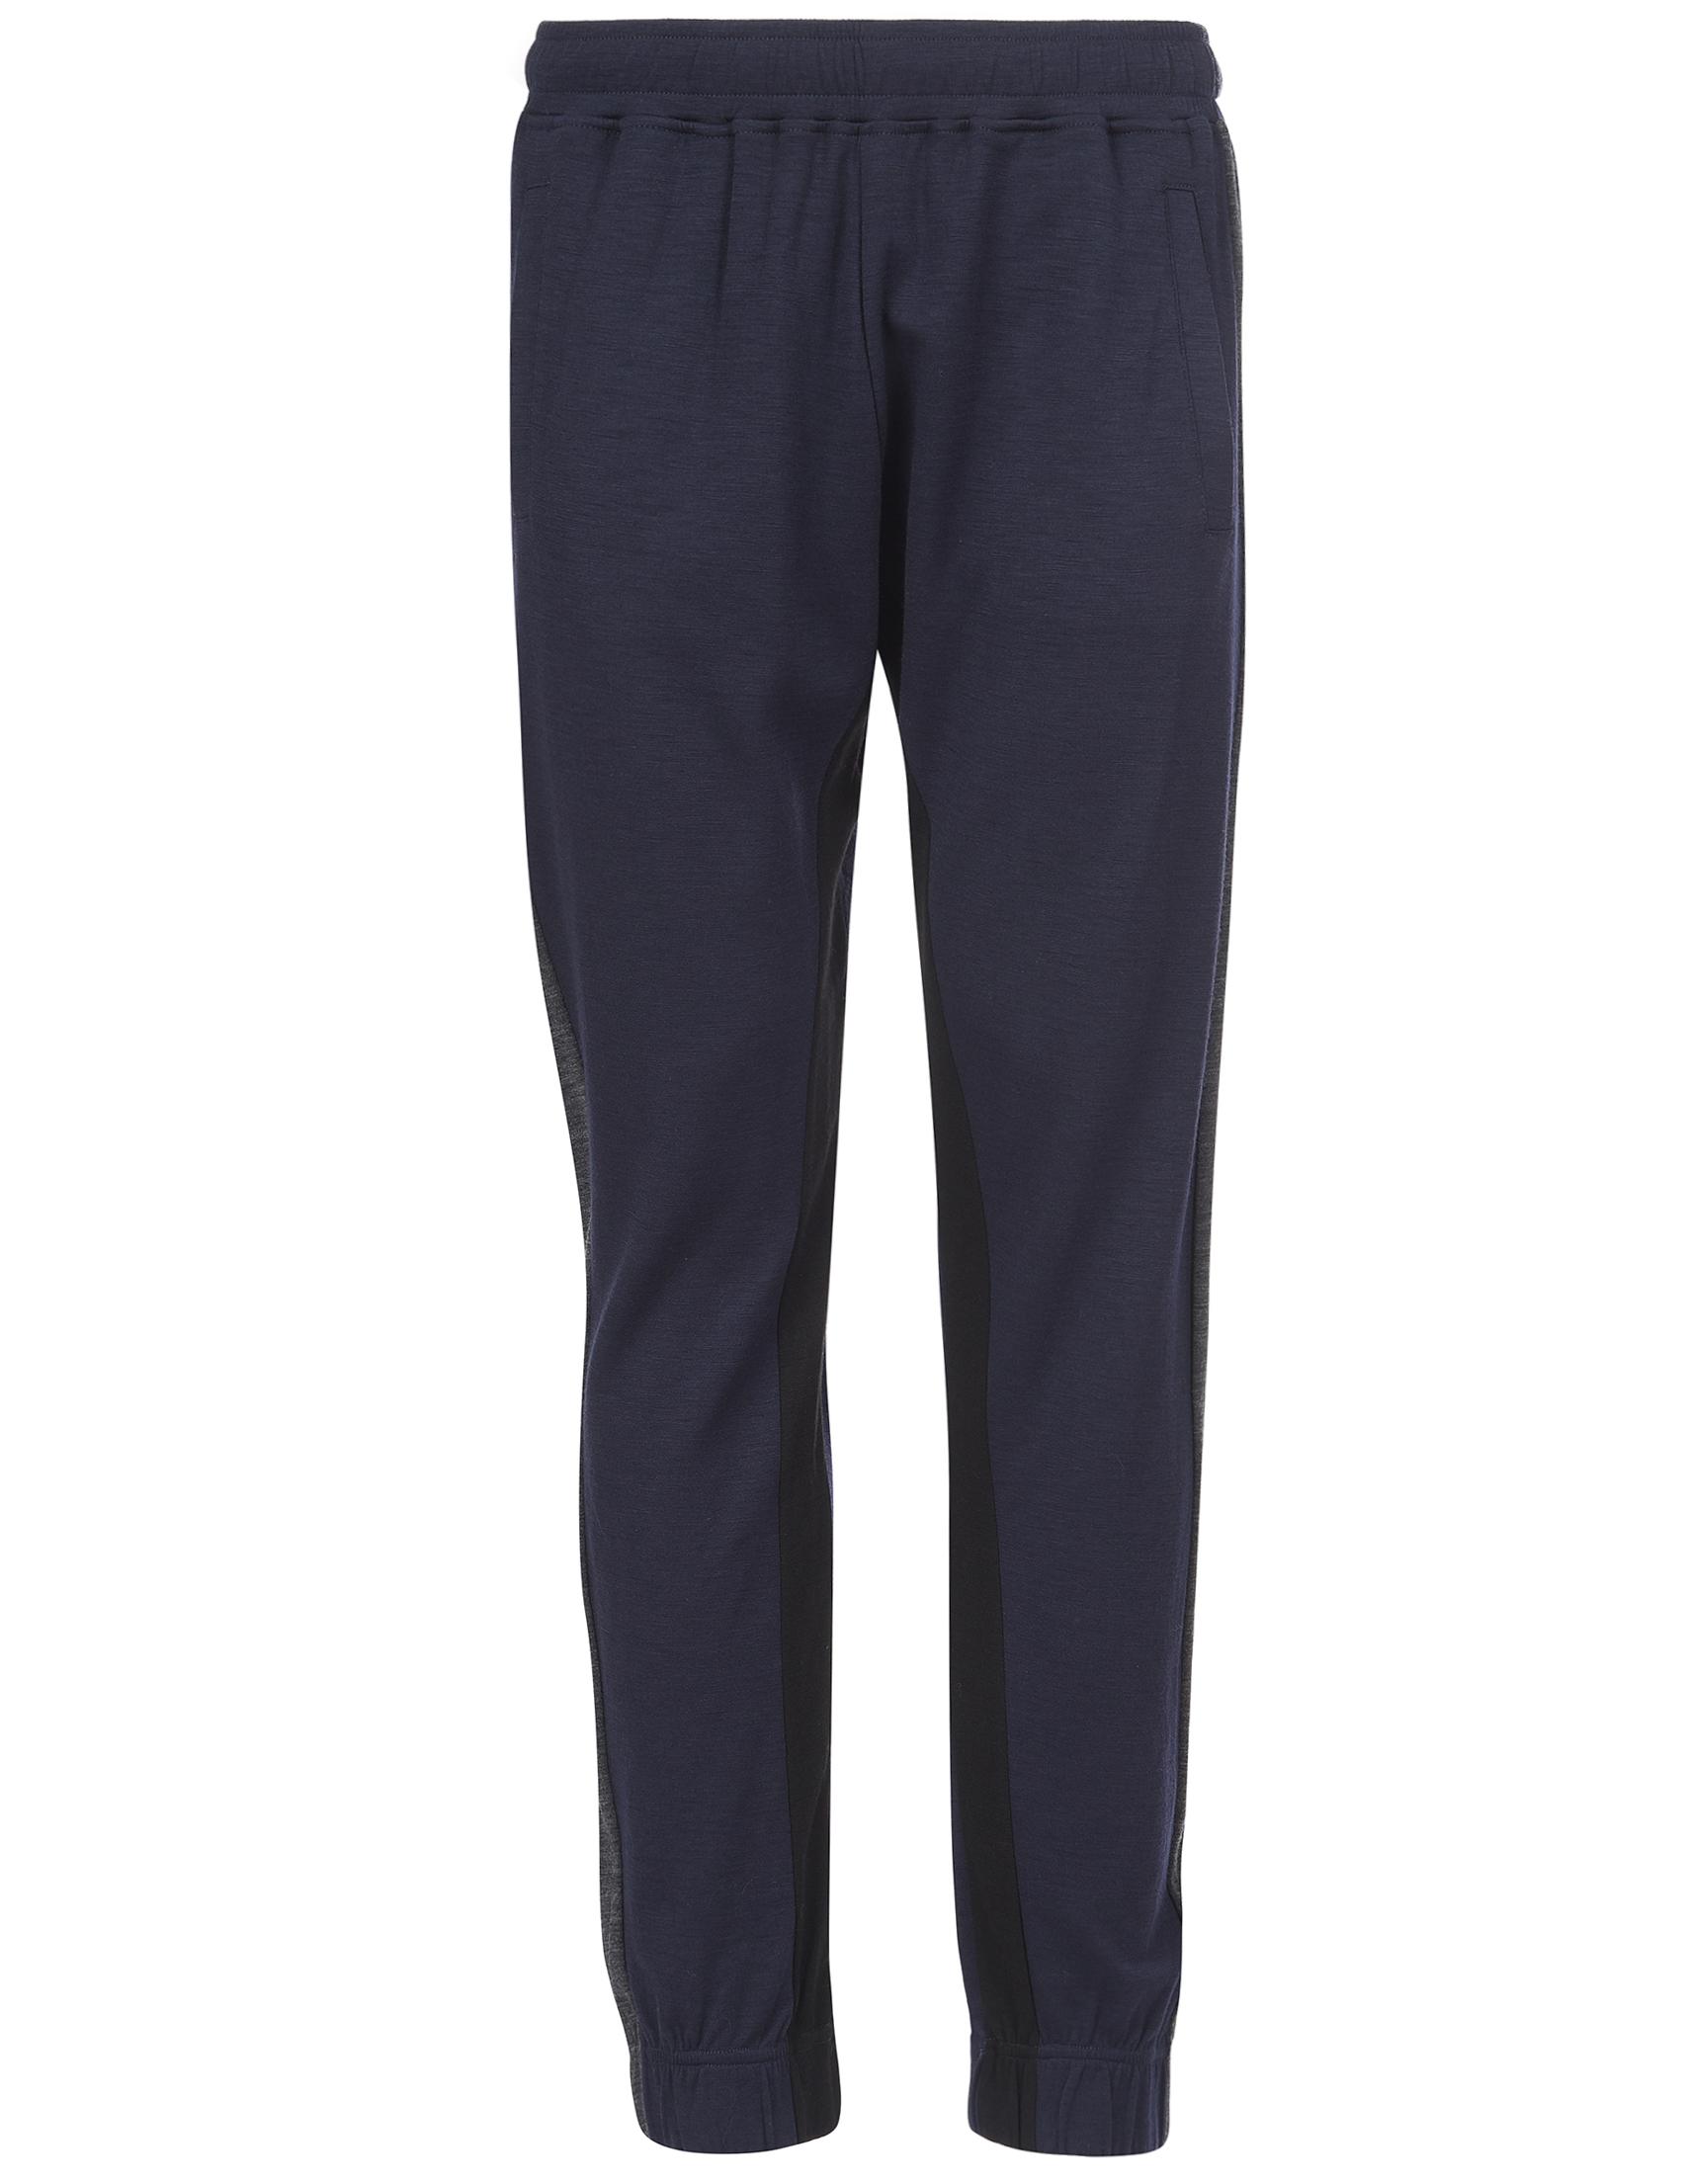 Мужские спортивные брюки ERMENEGILDO ZEGNA 0540-wool-blueberry_blue